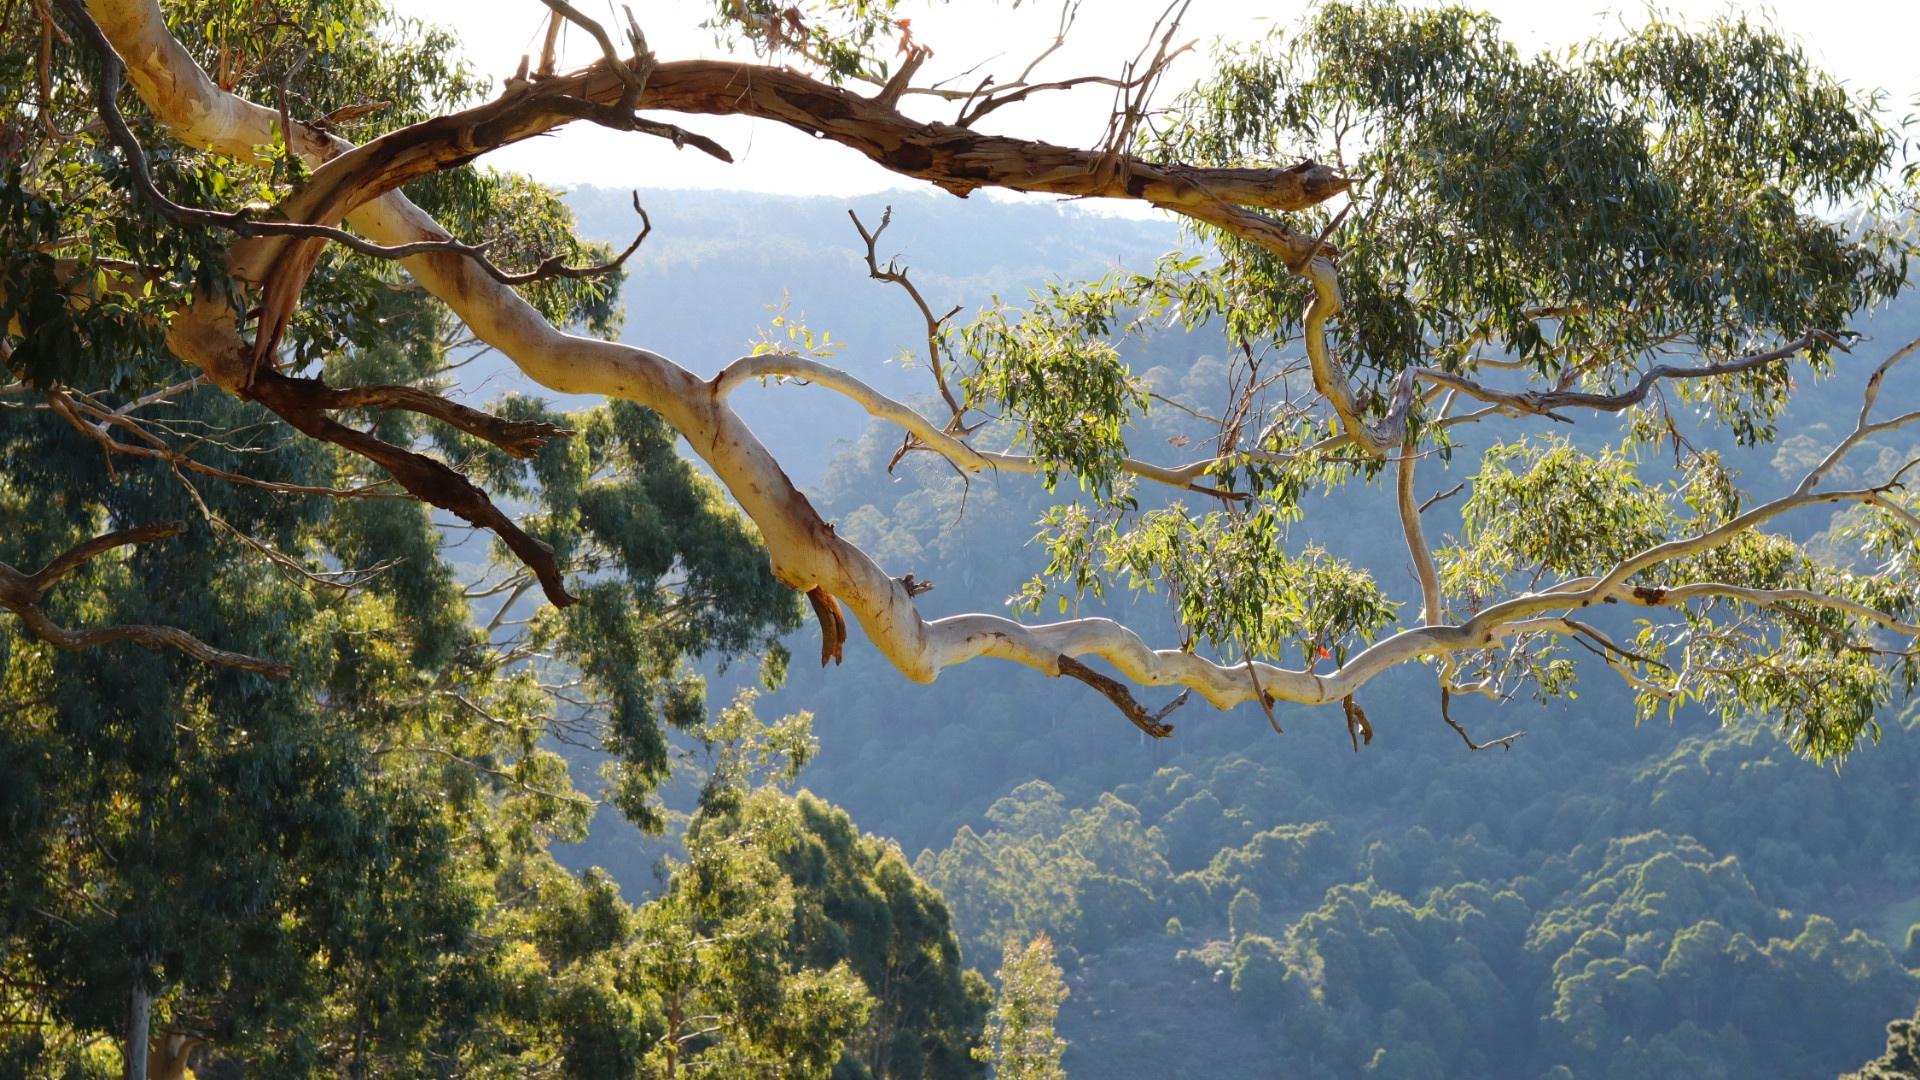 Studio Garden View of Eucalypts